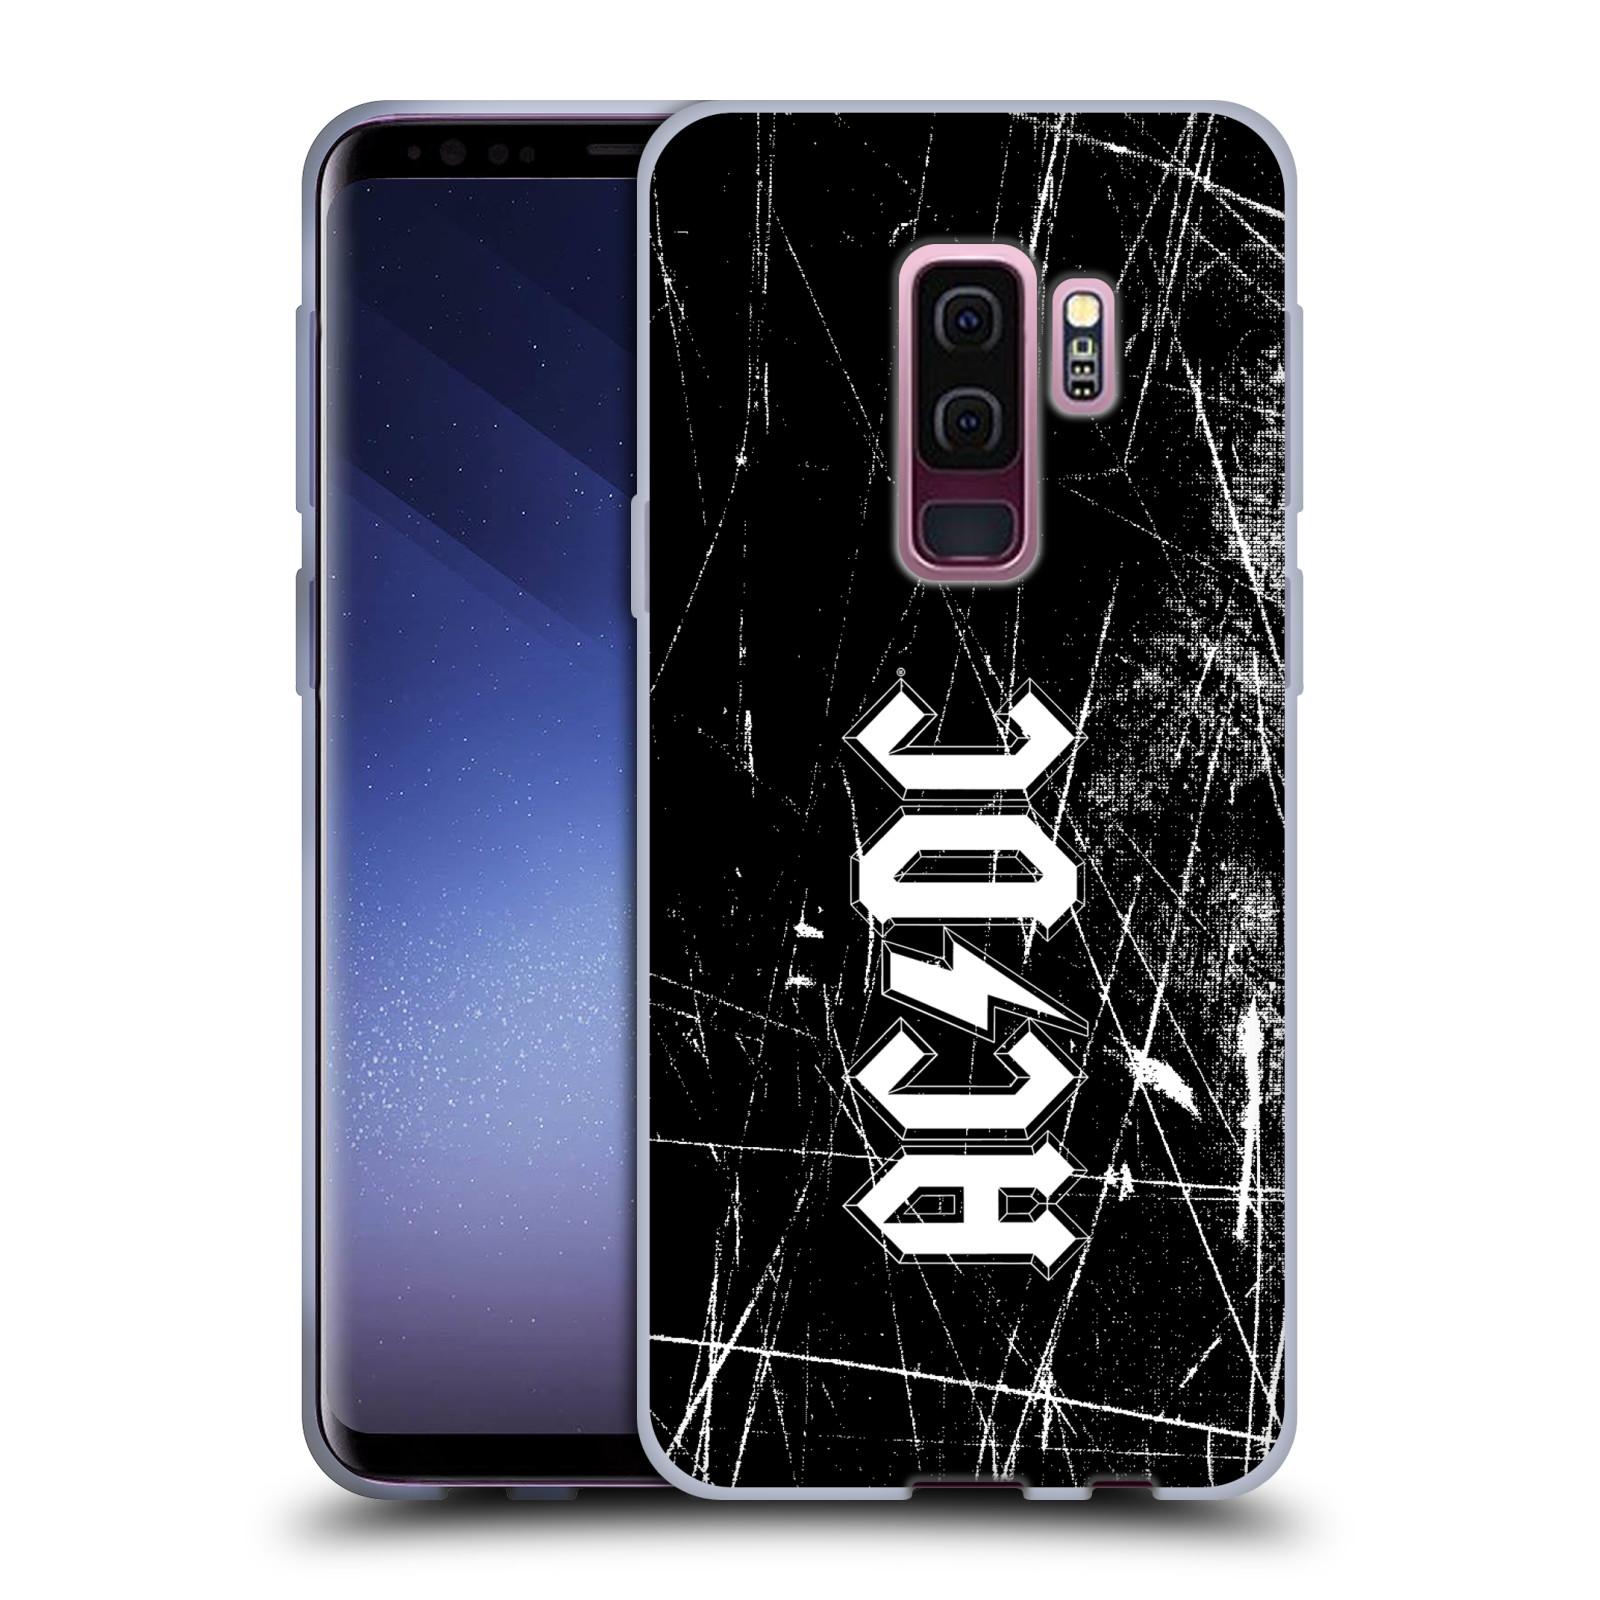 Silikonové pouzdro na mobil Samsung Galaxy S9 Plus - Head Case - AC/DC Černobílé logo